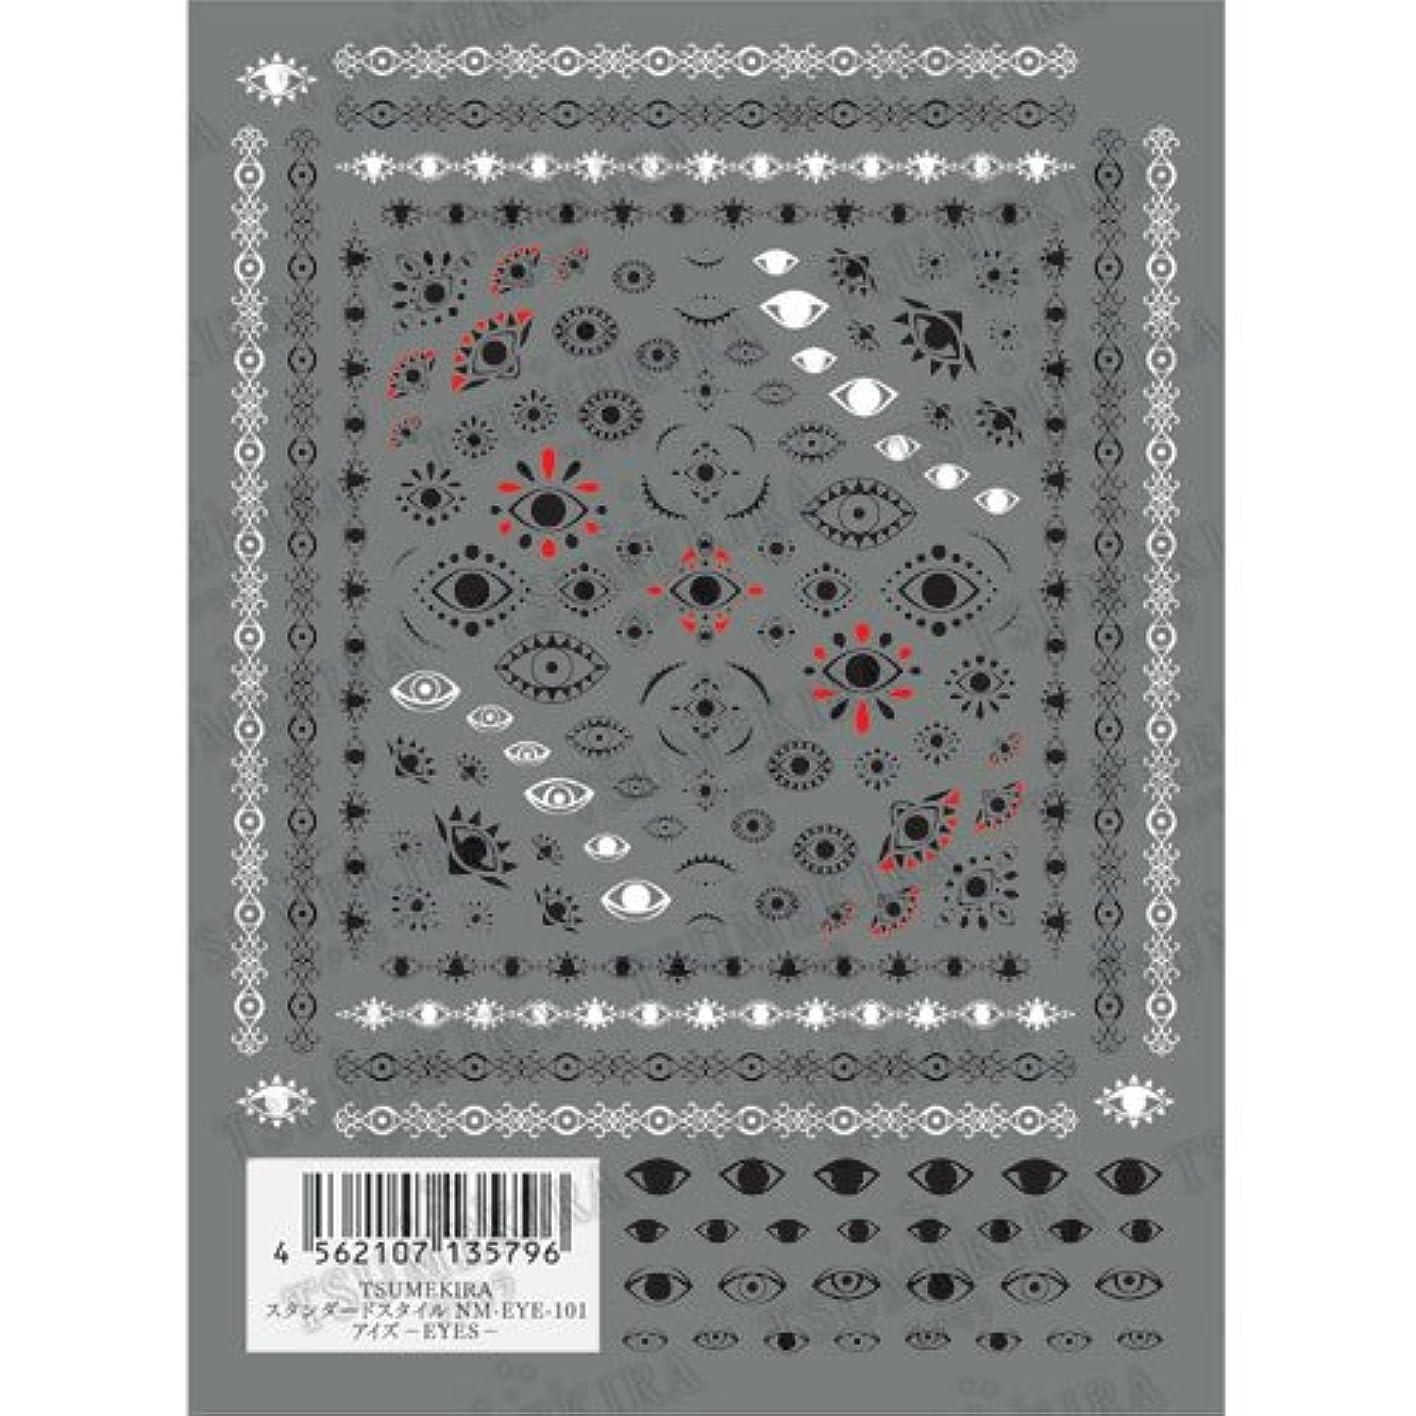 発掘するナット醜いツメキラ(TSUMEKIRA) ネイル用シール アイズ NM-EYE-101